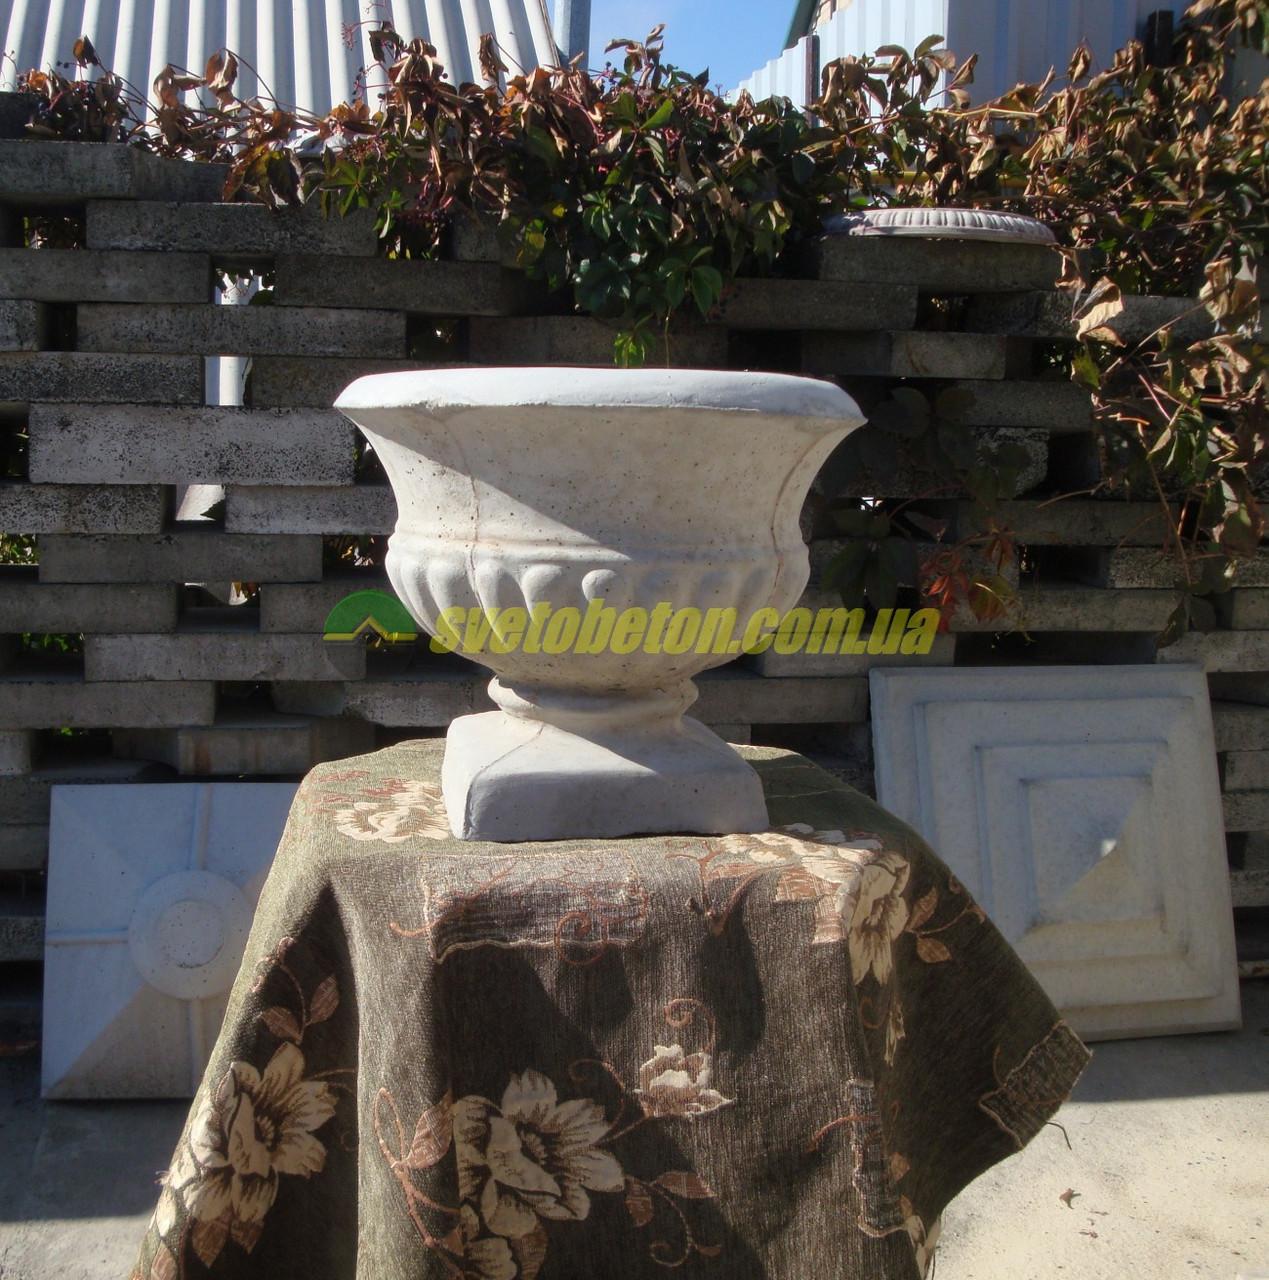 Горшок бетонный уличный ваза из бетона для улицы.